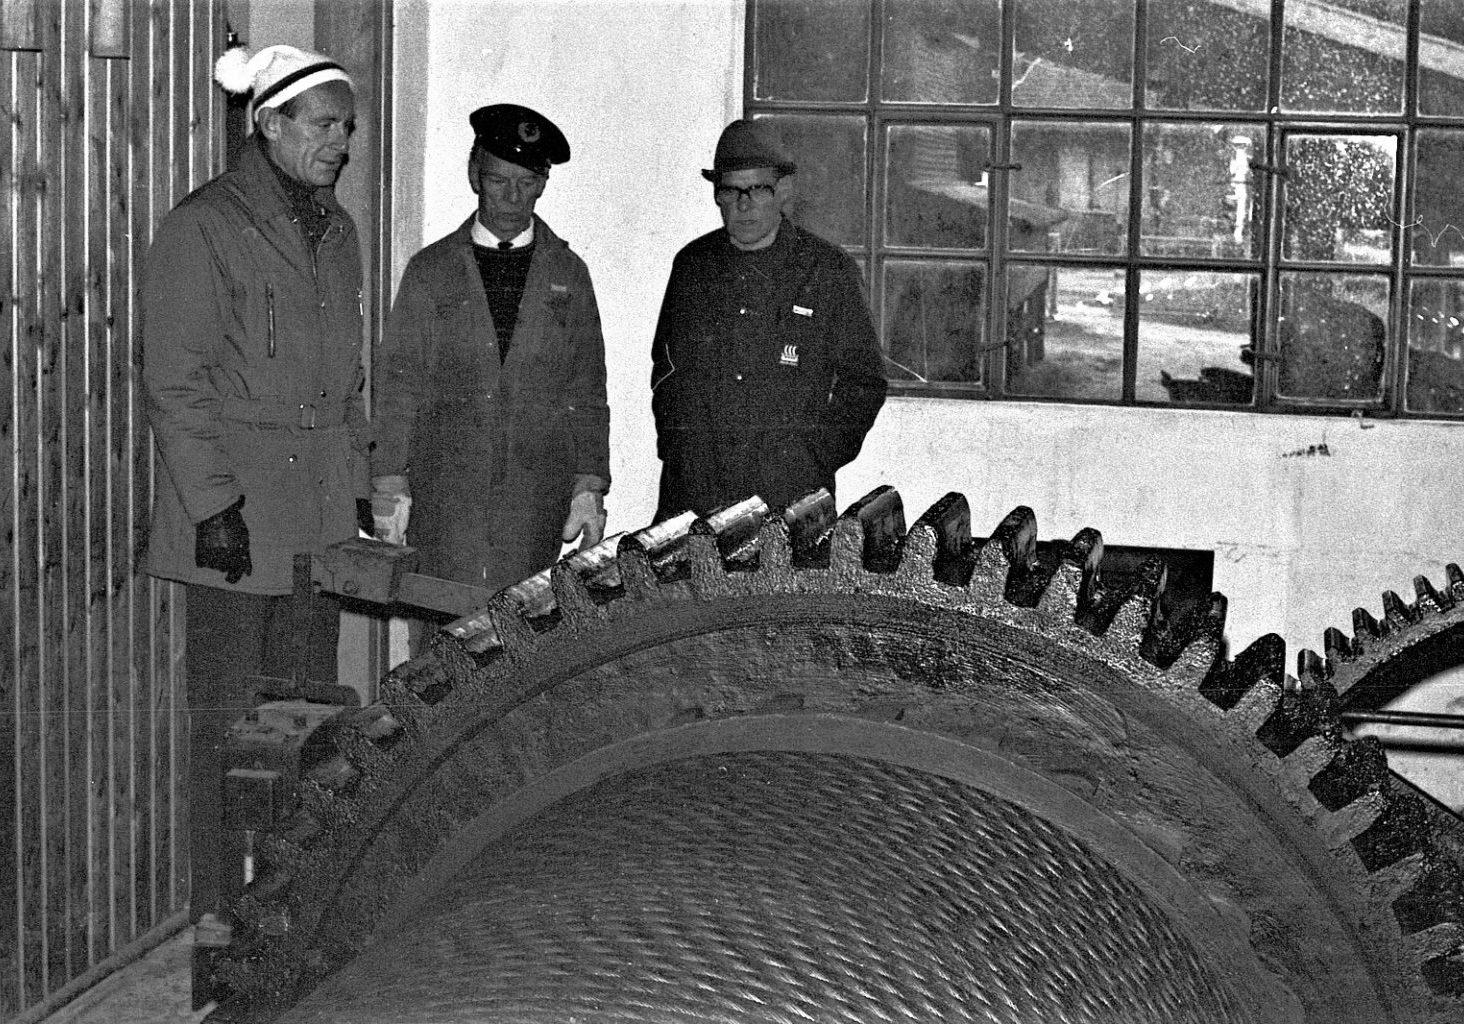 Solide dimensjoner: Maskinhuset på Tinnoset inneholder bl.a. elektrisk drevne tromler med slippwire og tannhjul. Alt er dimensjonert for å kunne trekke Nordens største innlandsferje, MF Storegut, opp på slippen. Her fra inspeksjonen av en skade på lageret til vinsjtrommelen på 1970-tallet. «Sjefsmaskinist» Brodtkorp i midten. (Foto: NIA).